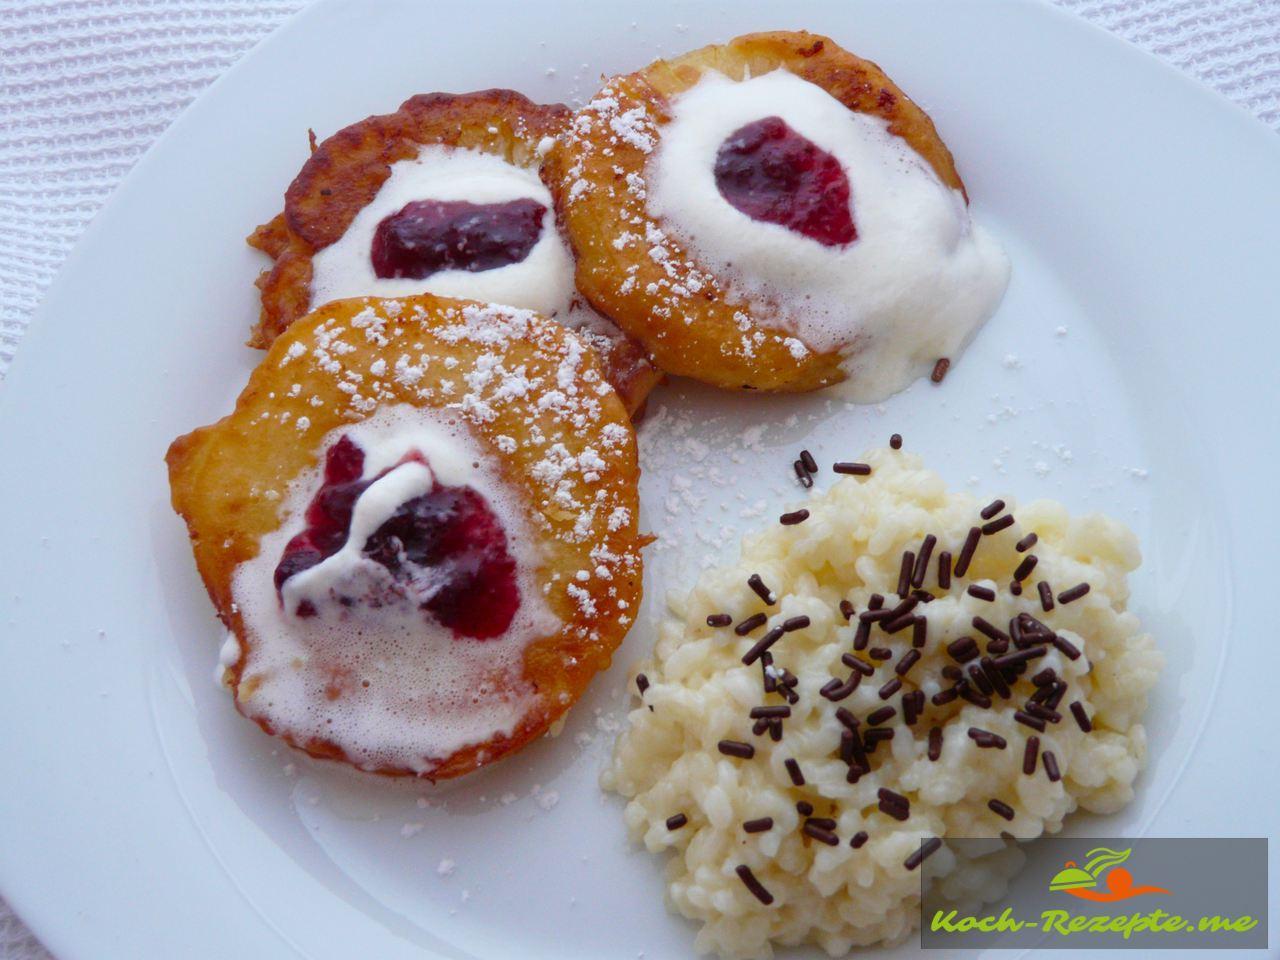 Fertiges Dessert Apfelküchlein mit Milchreis, Sahne und Preiselbeeren